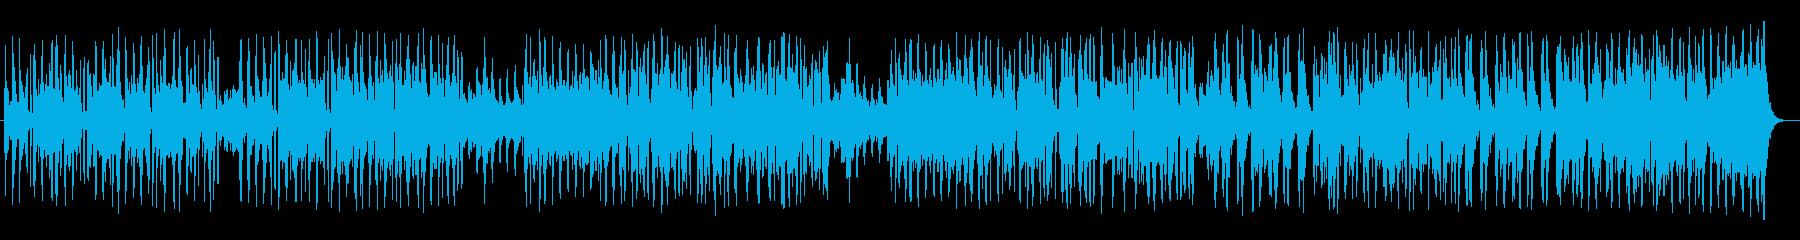 伝統的なフォーマルマーチングバンド...の再生済みの波形